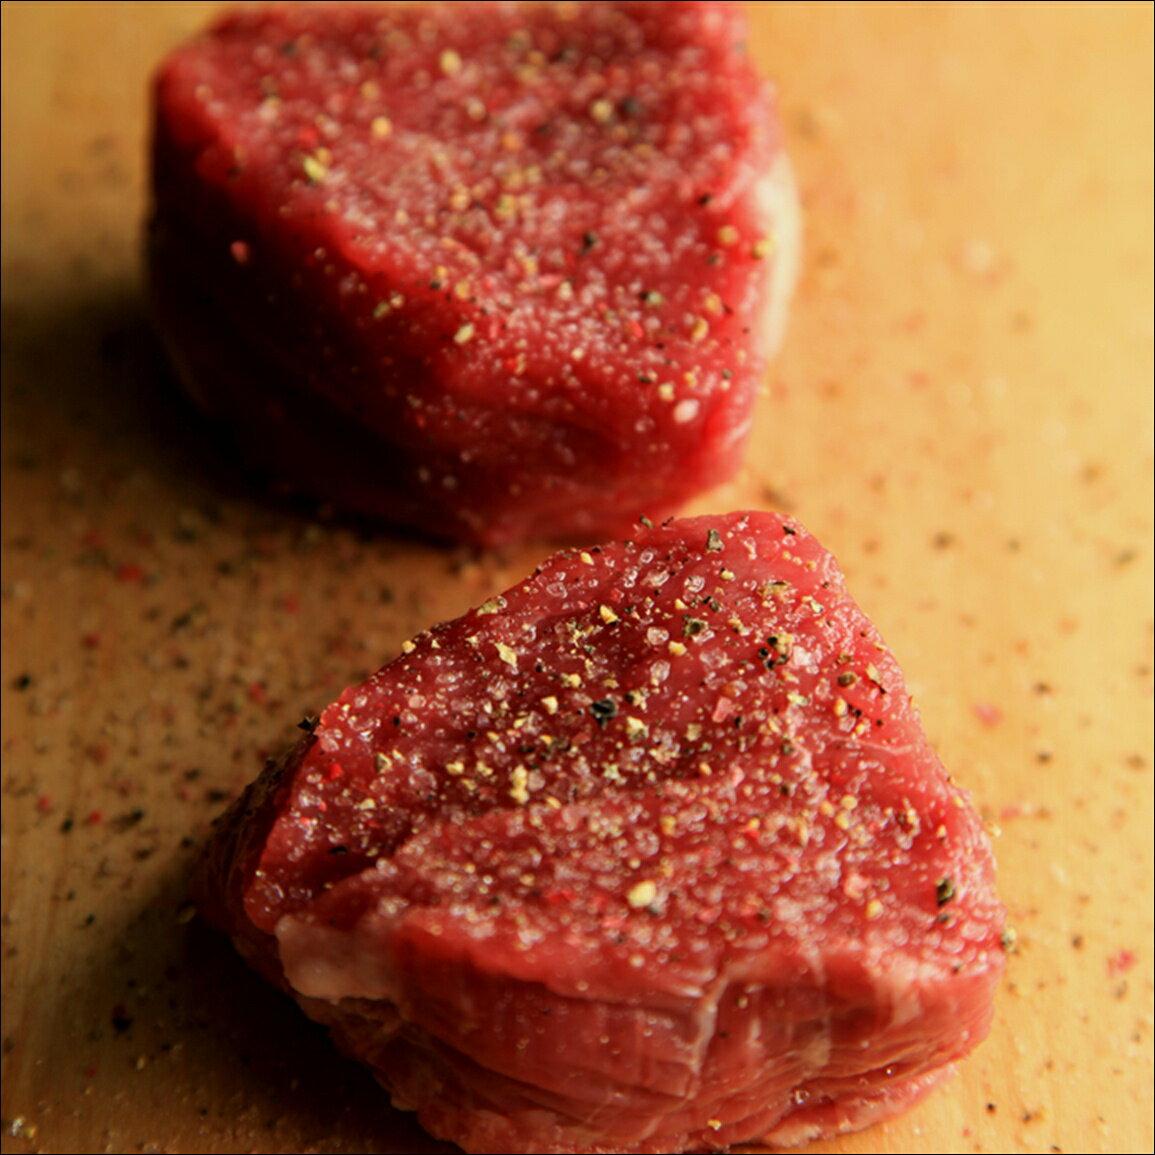 オーストラリア産 仔牛フィレ 丸ごと 1本 約1.2Kg お取り寄せ おつまみ フィレ ヒレ 牛肉 [100g/690円再計算]